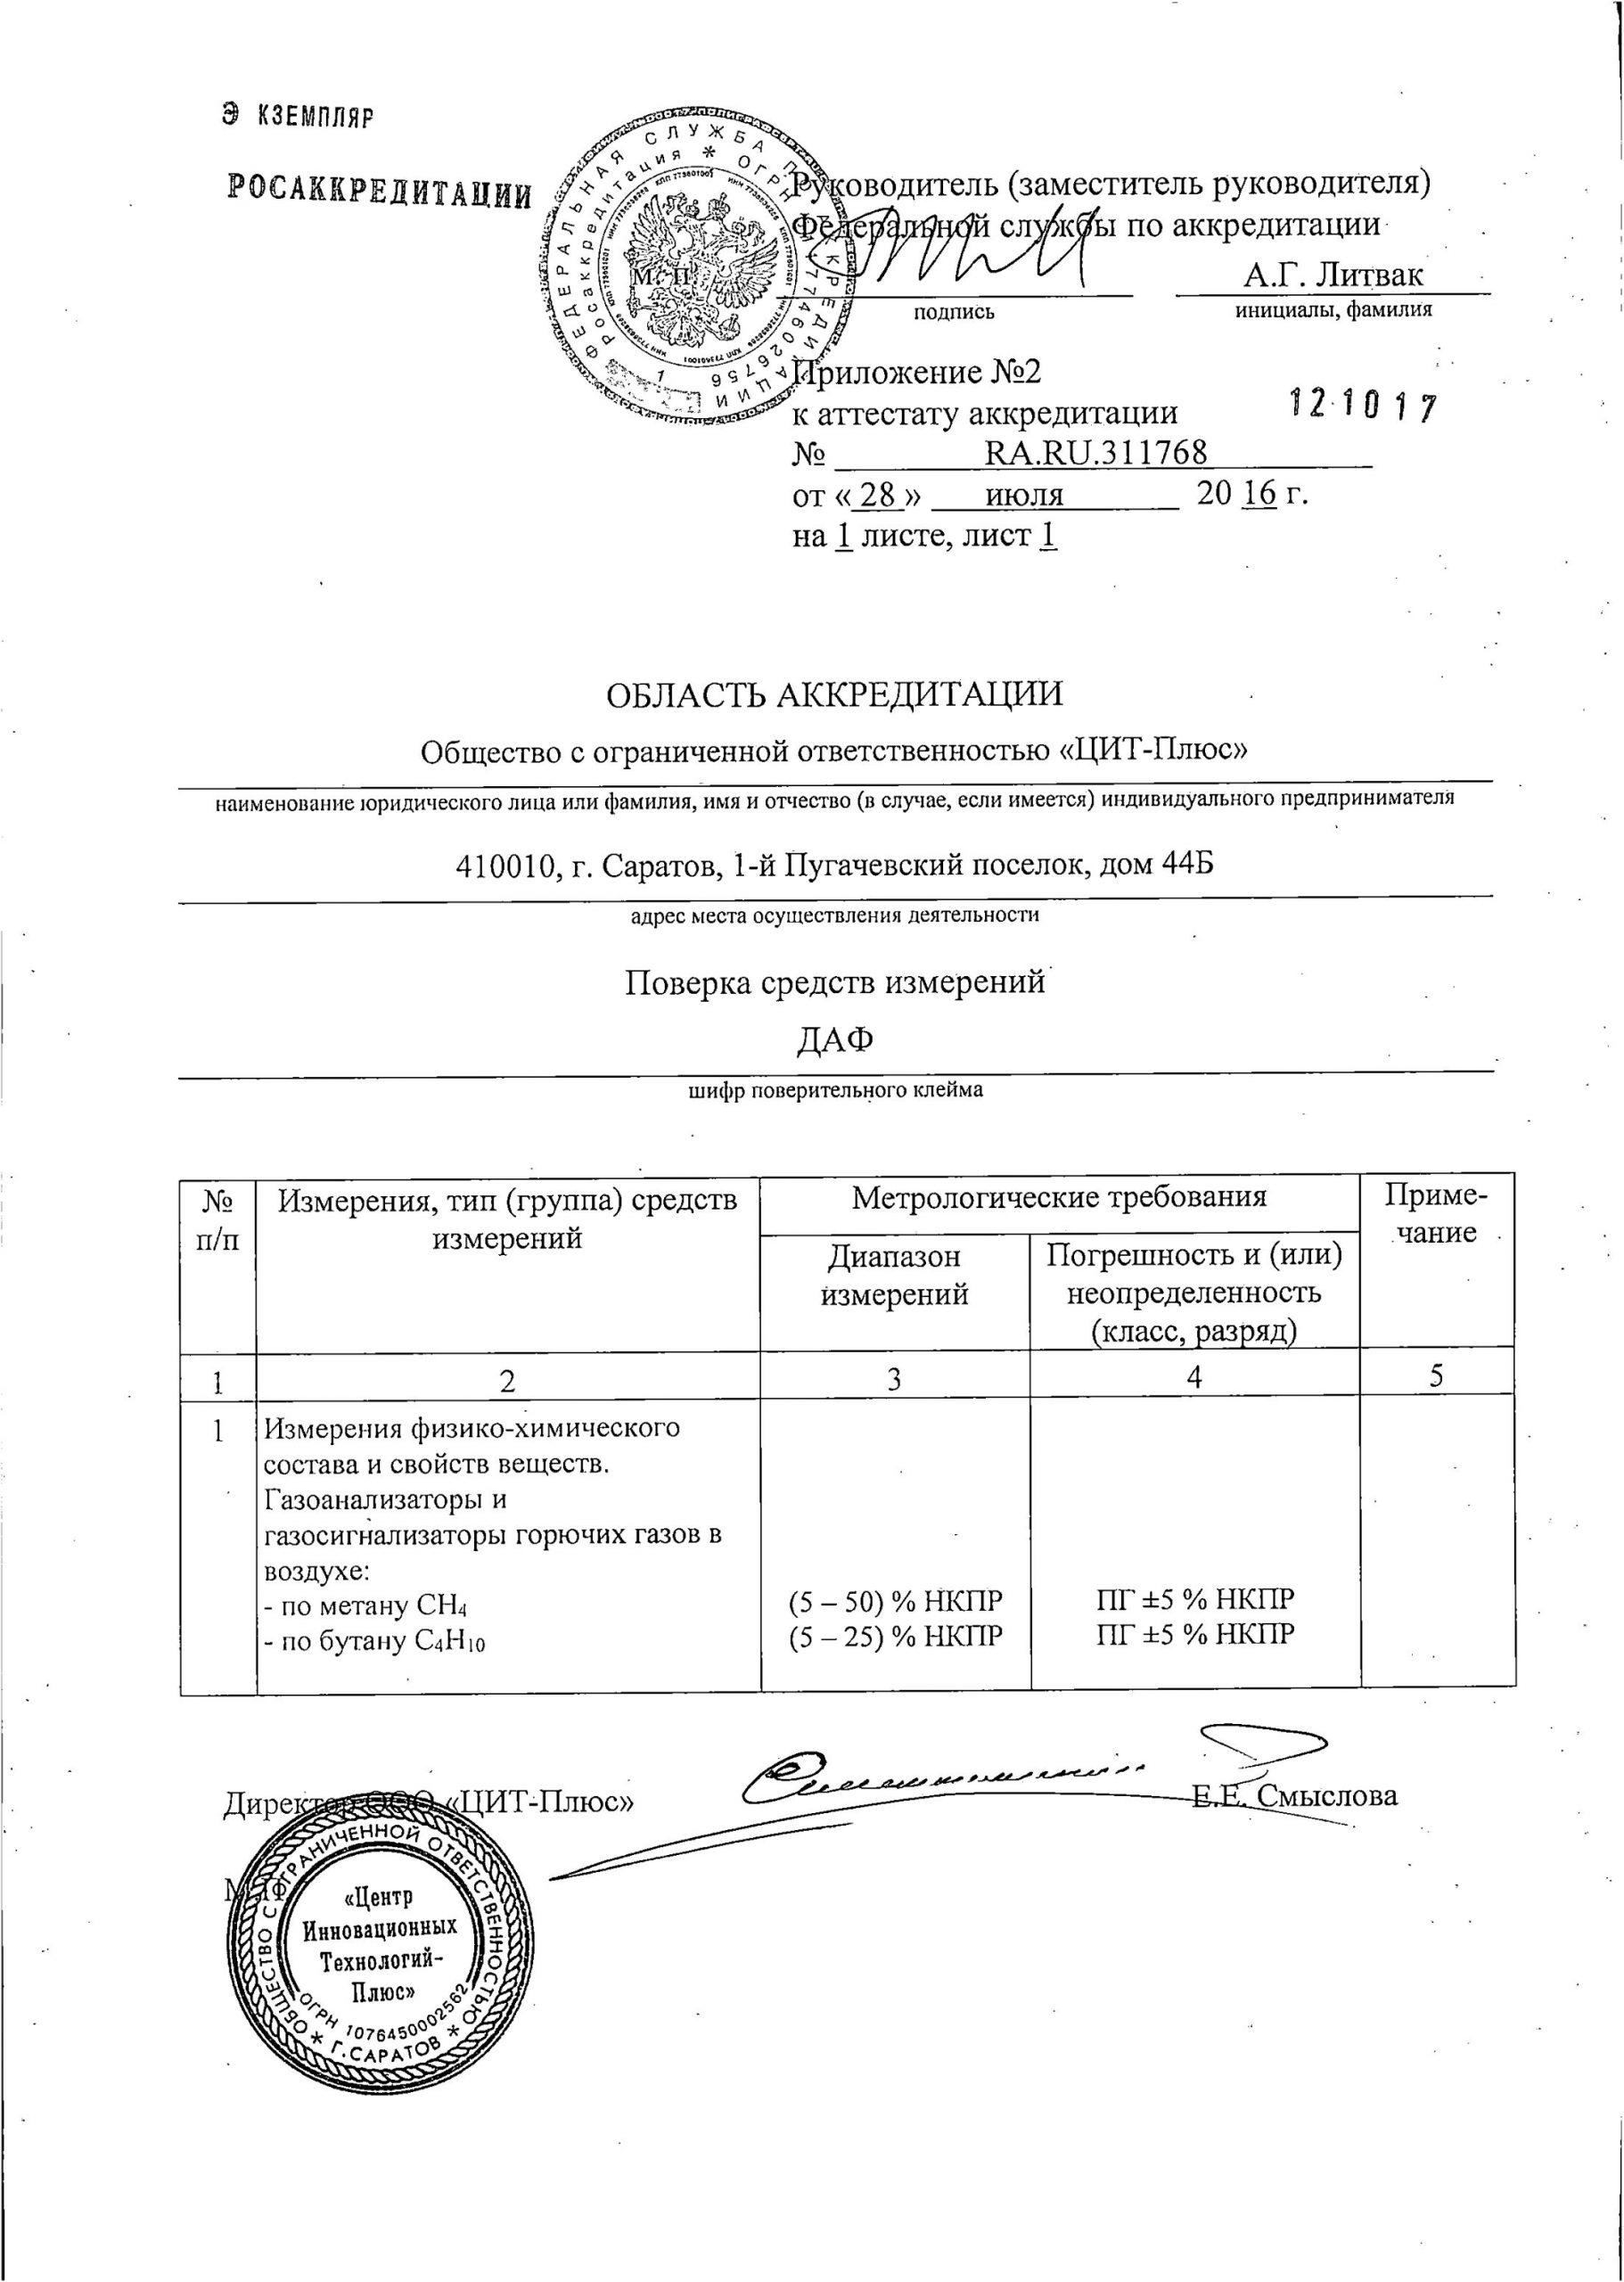 Аттестат аккредитации для выполнения работ или оказания услуг по поверке средств измерений